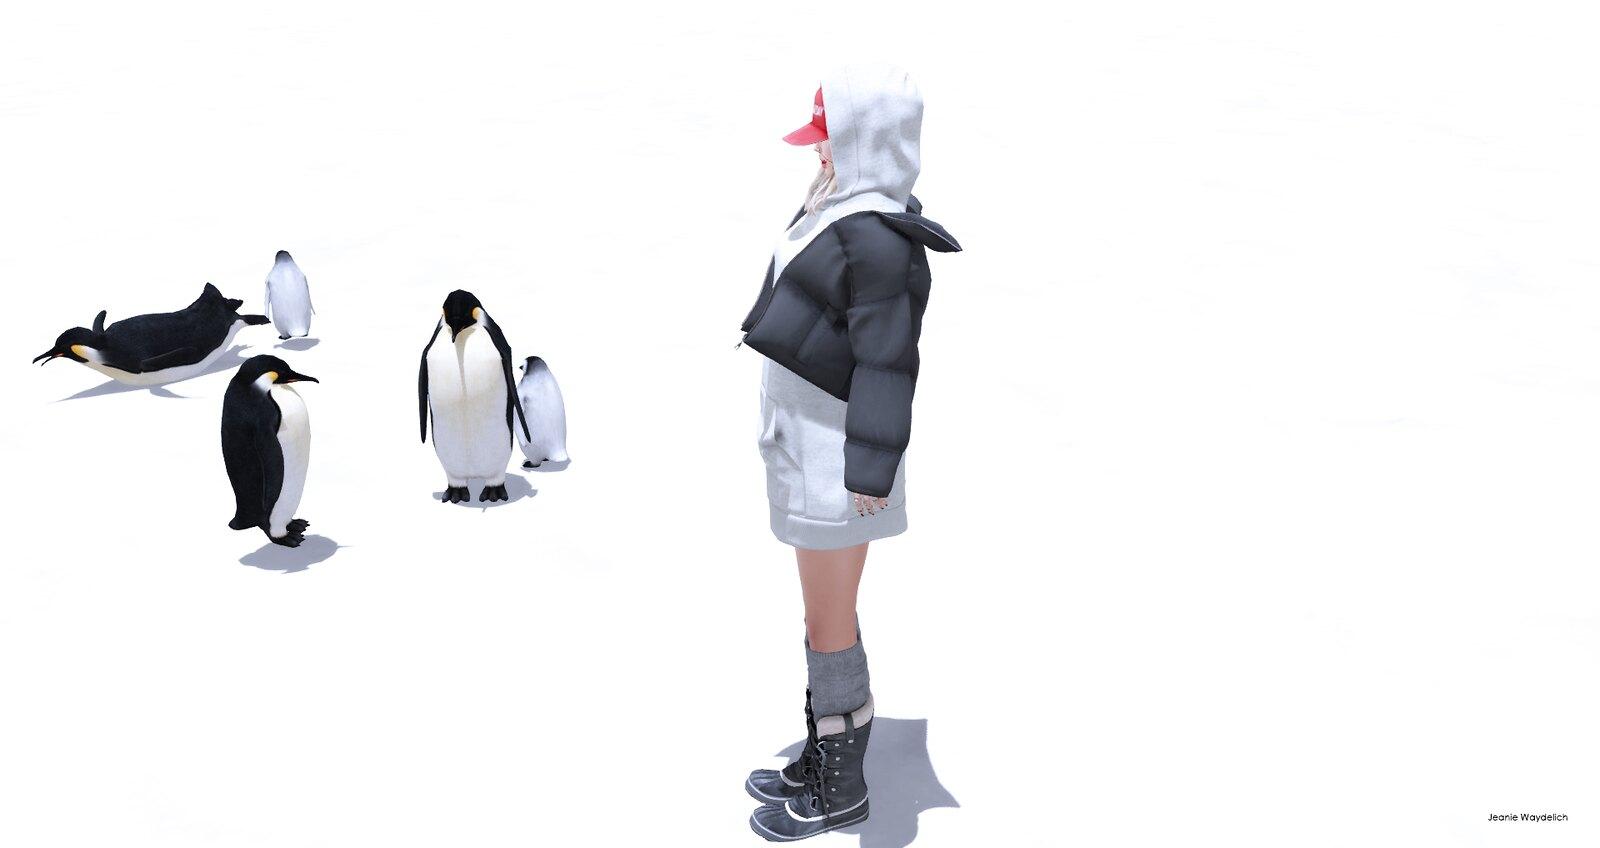 LOTD 895 - Penguins *-*